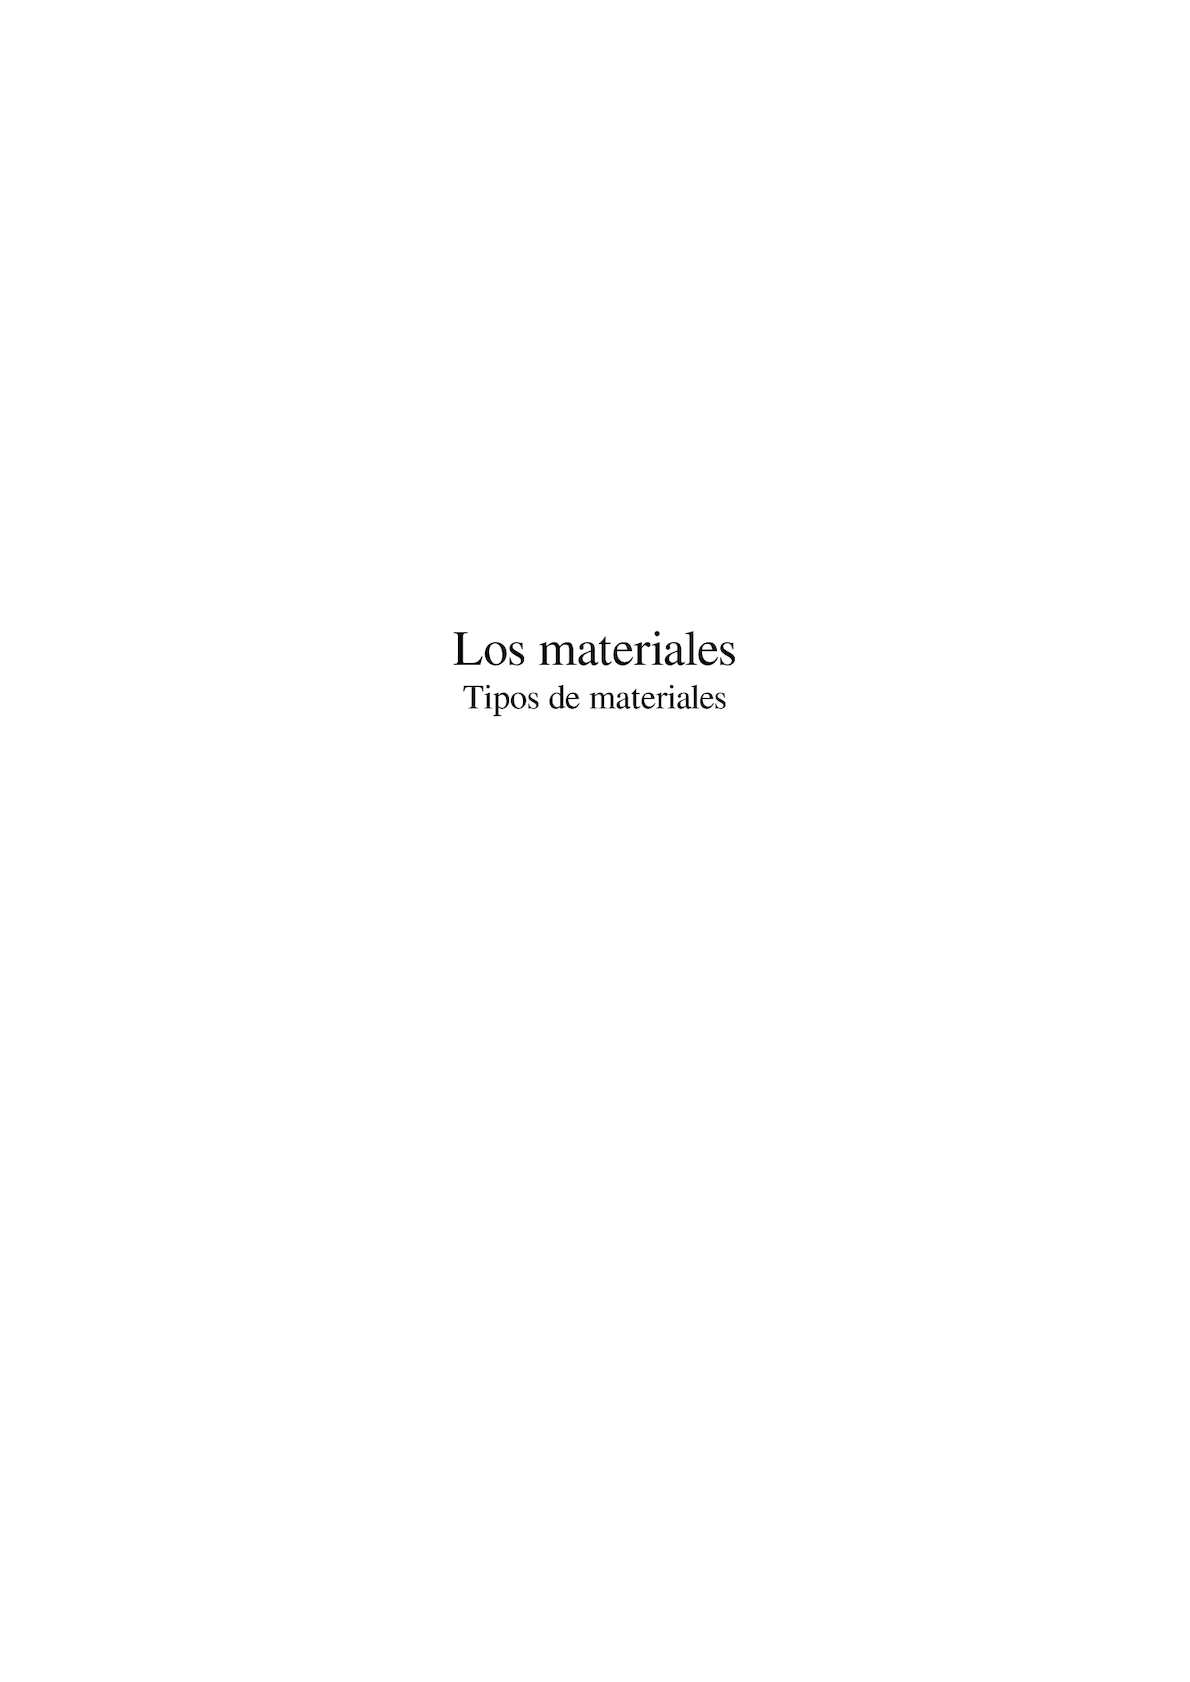 Calaméo - Los Materiales